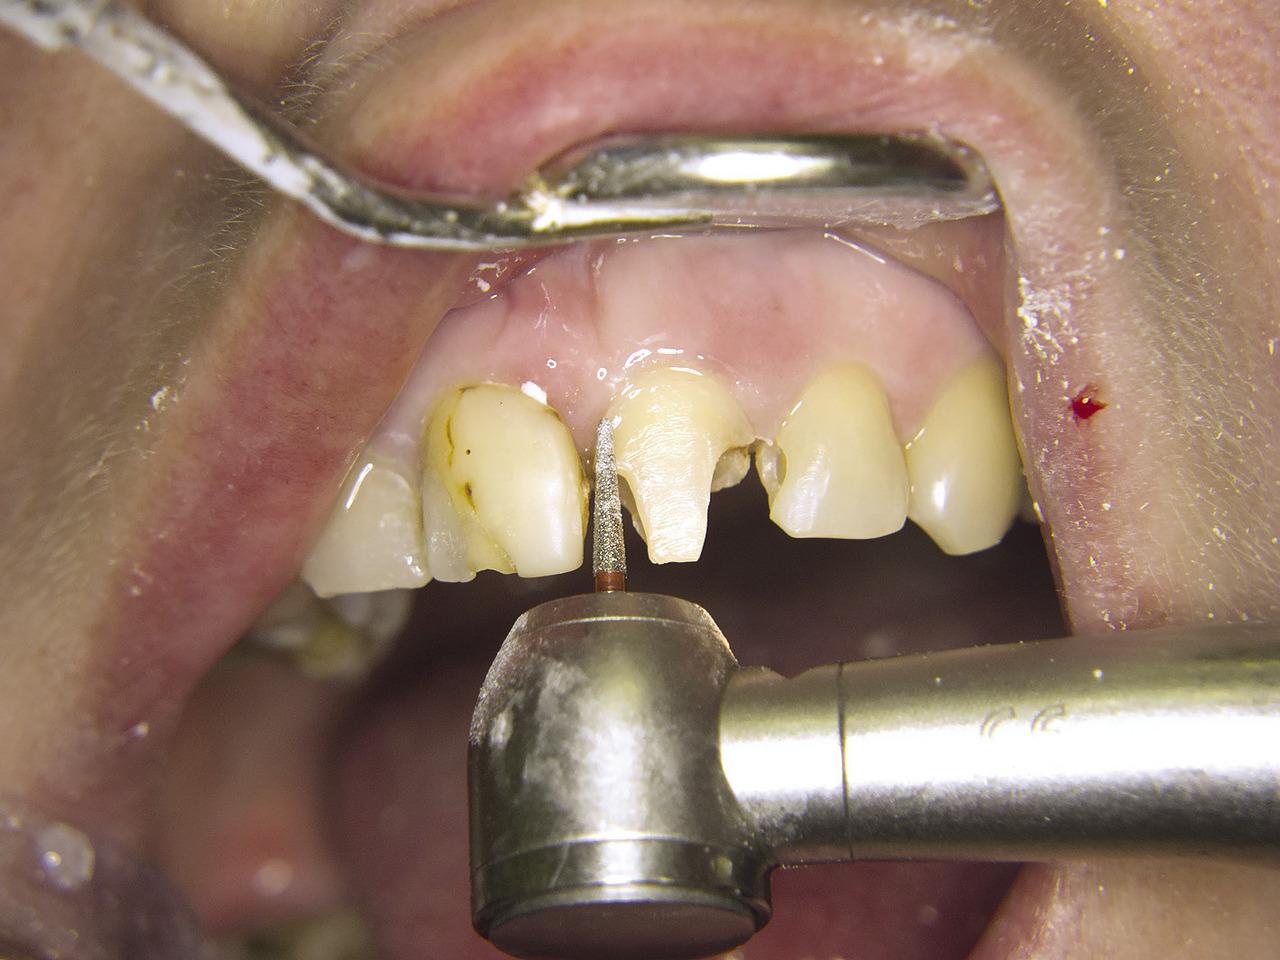 Рис. 5. Зубы 2.1 и 2.2, этап препарирования.